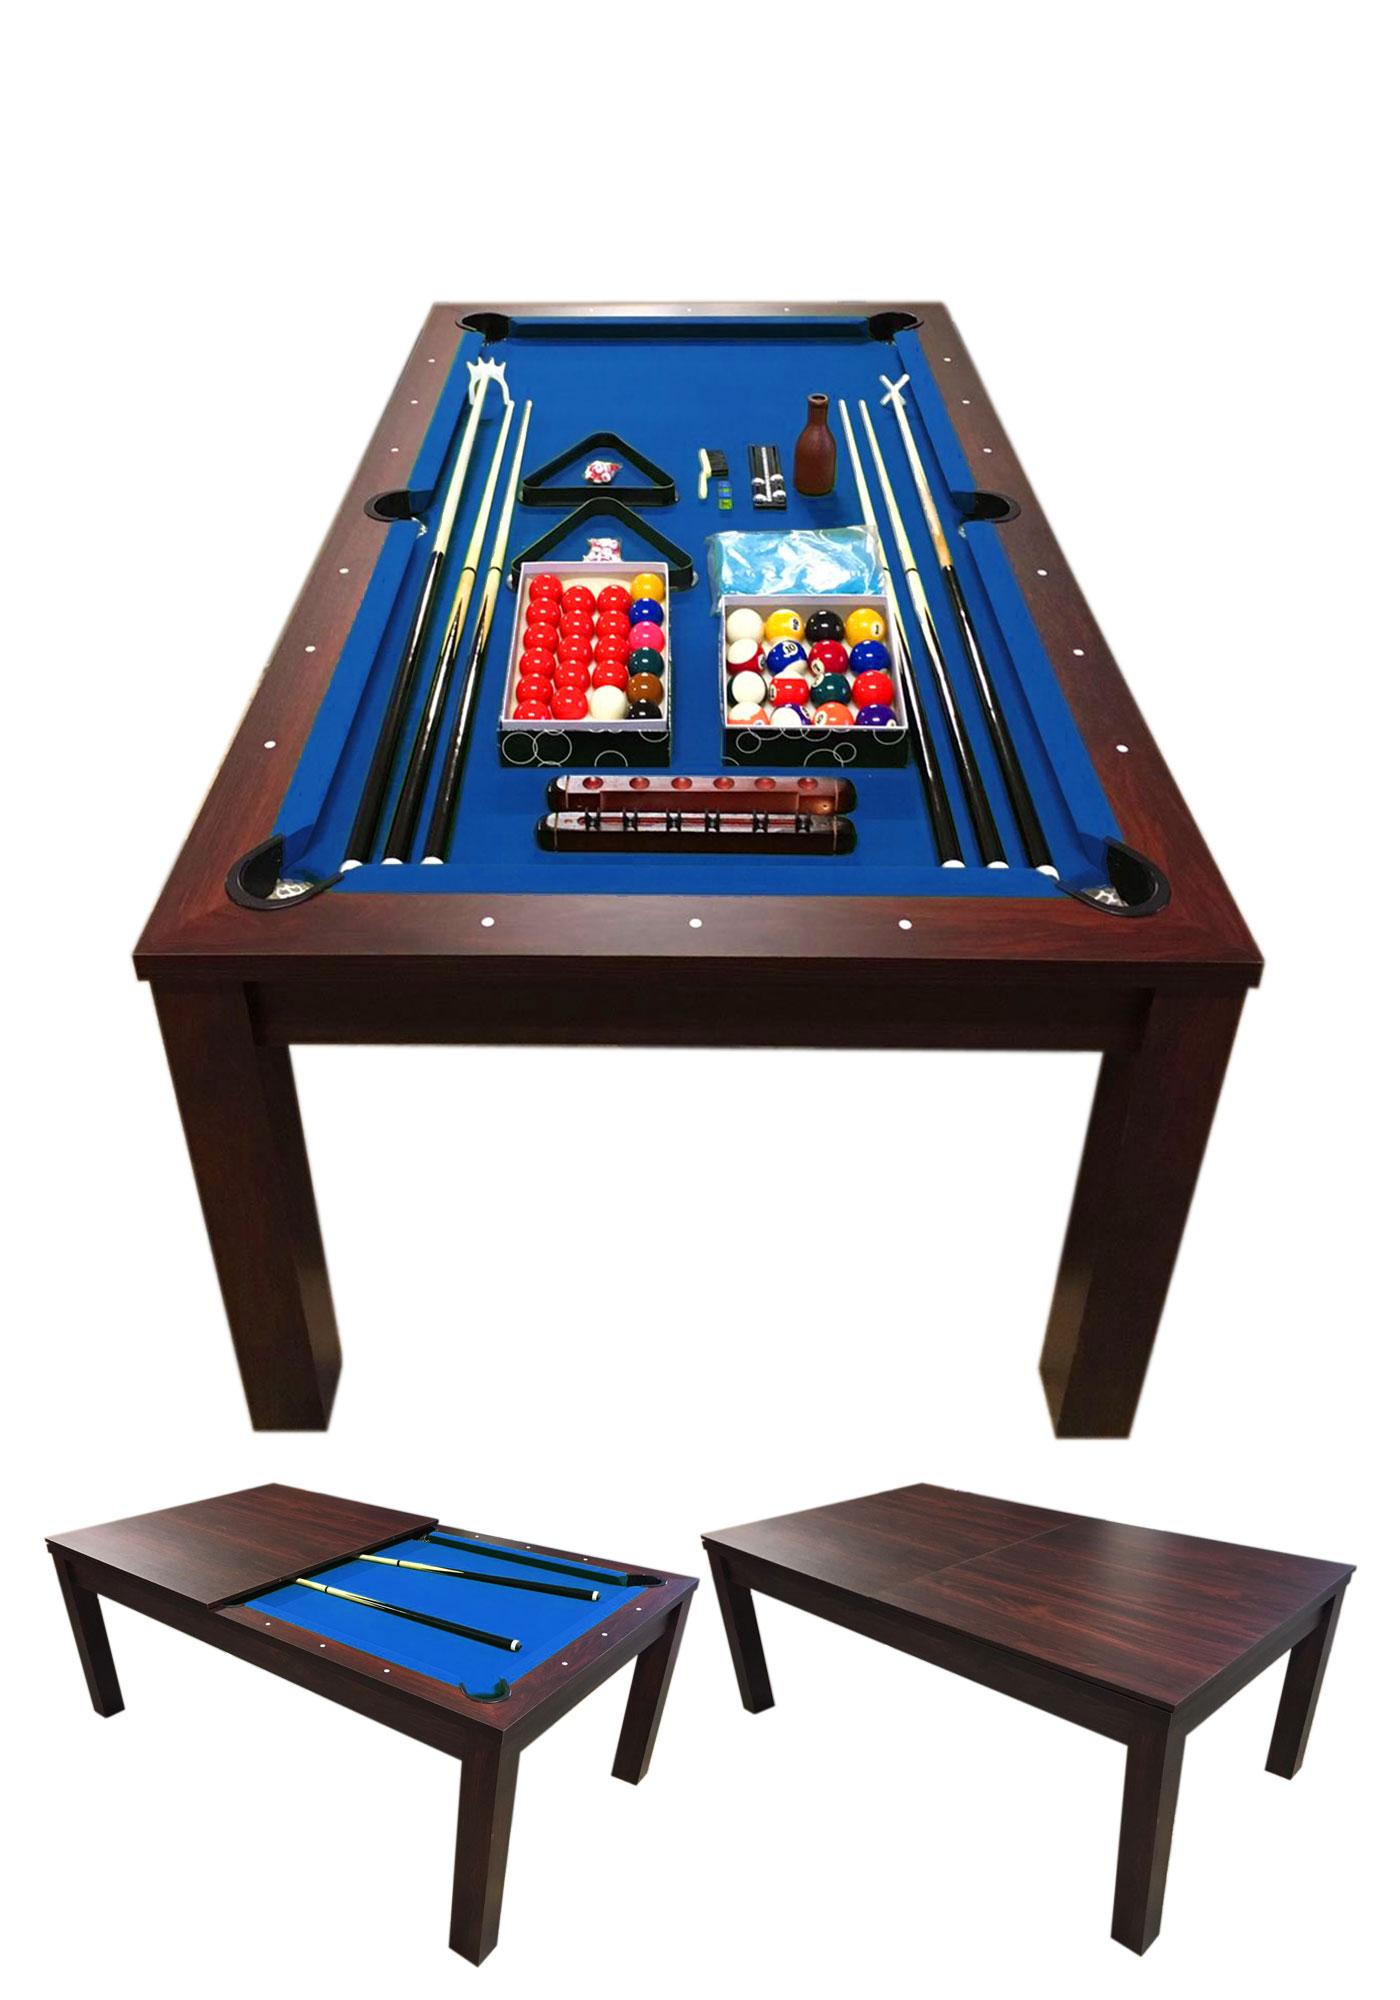 Tavolo da biliardo blu 7 ft accessori per carambola copertura inclusa blue sky ebay - Tavolo da biliardo professionale ...